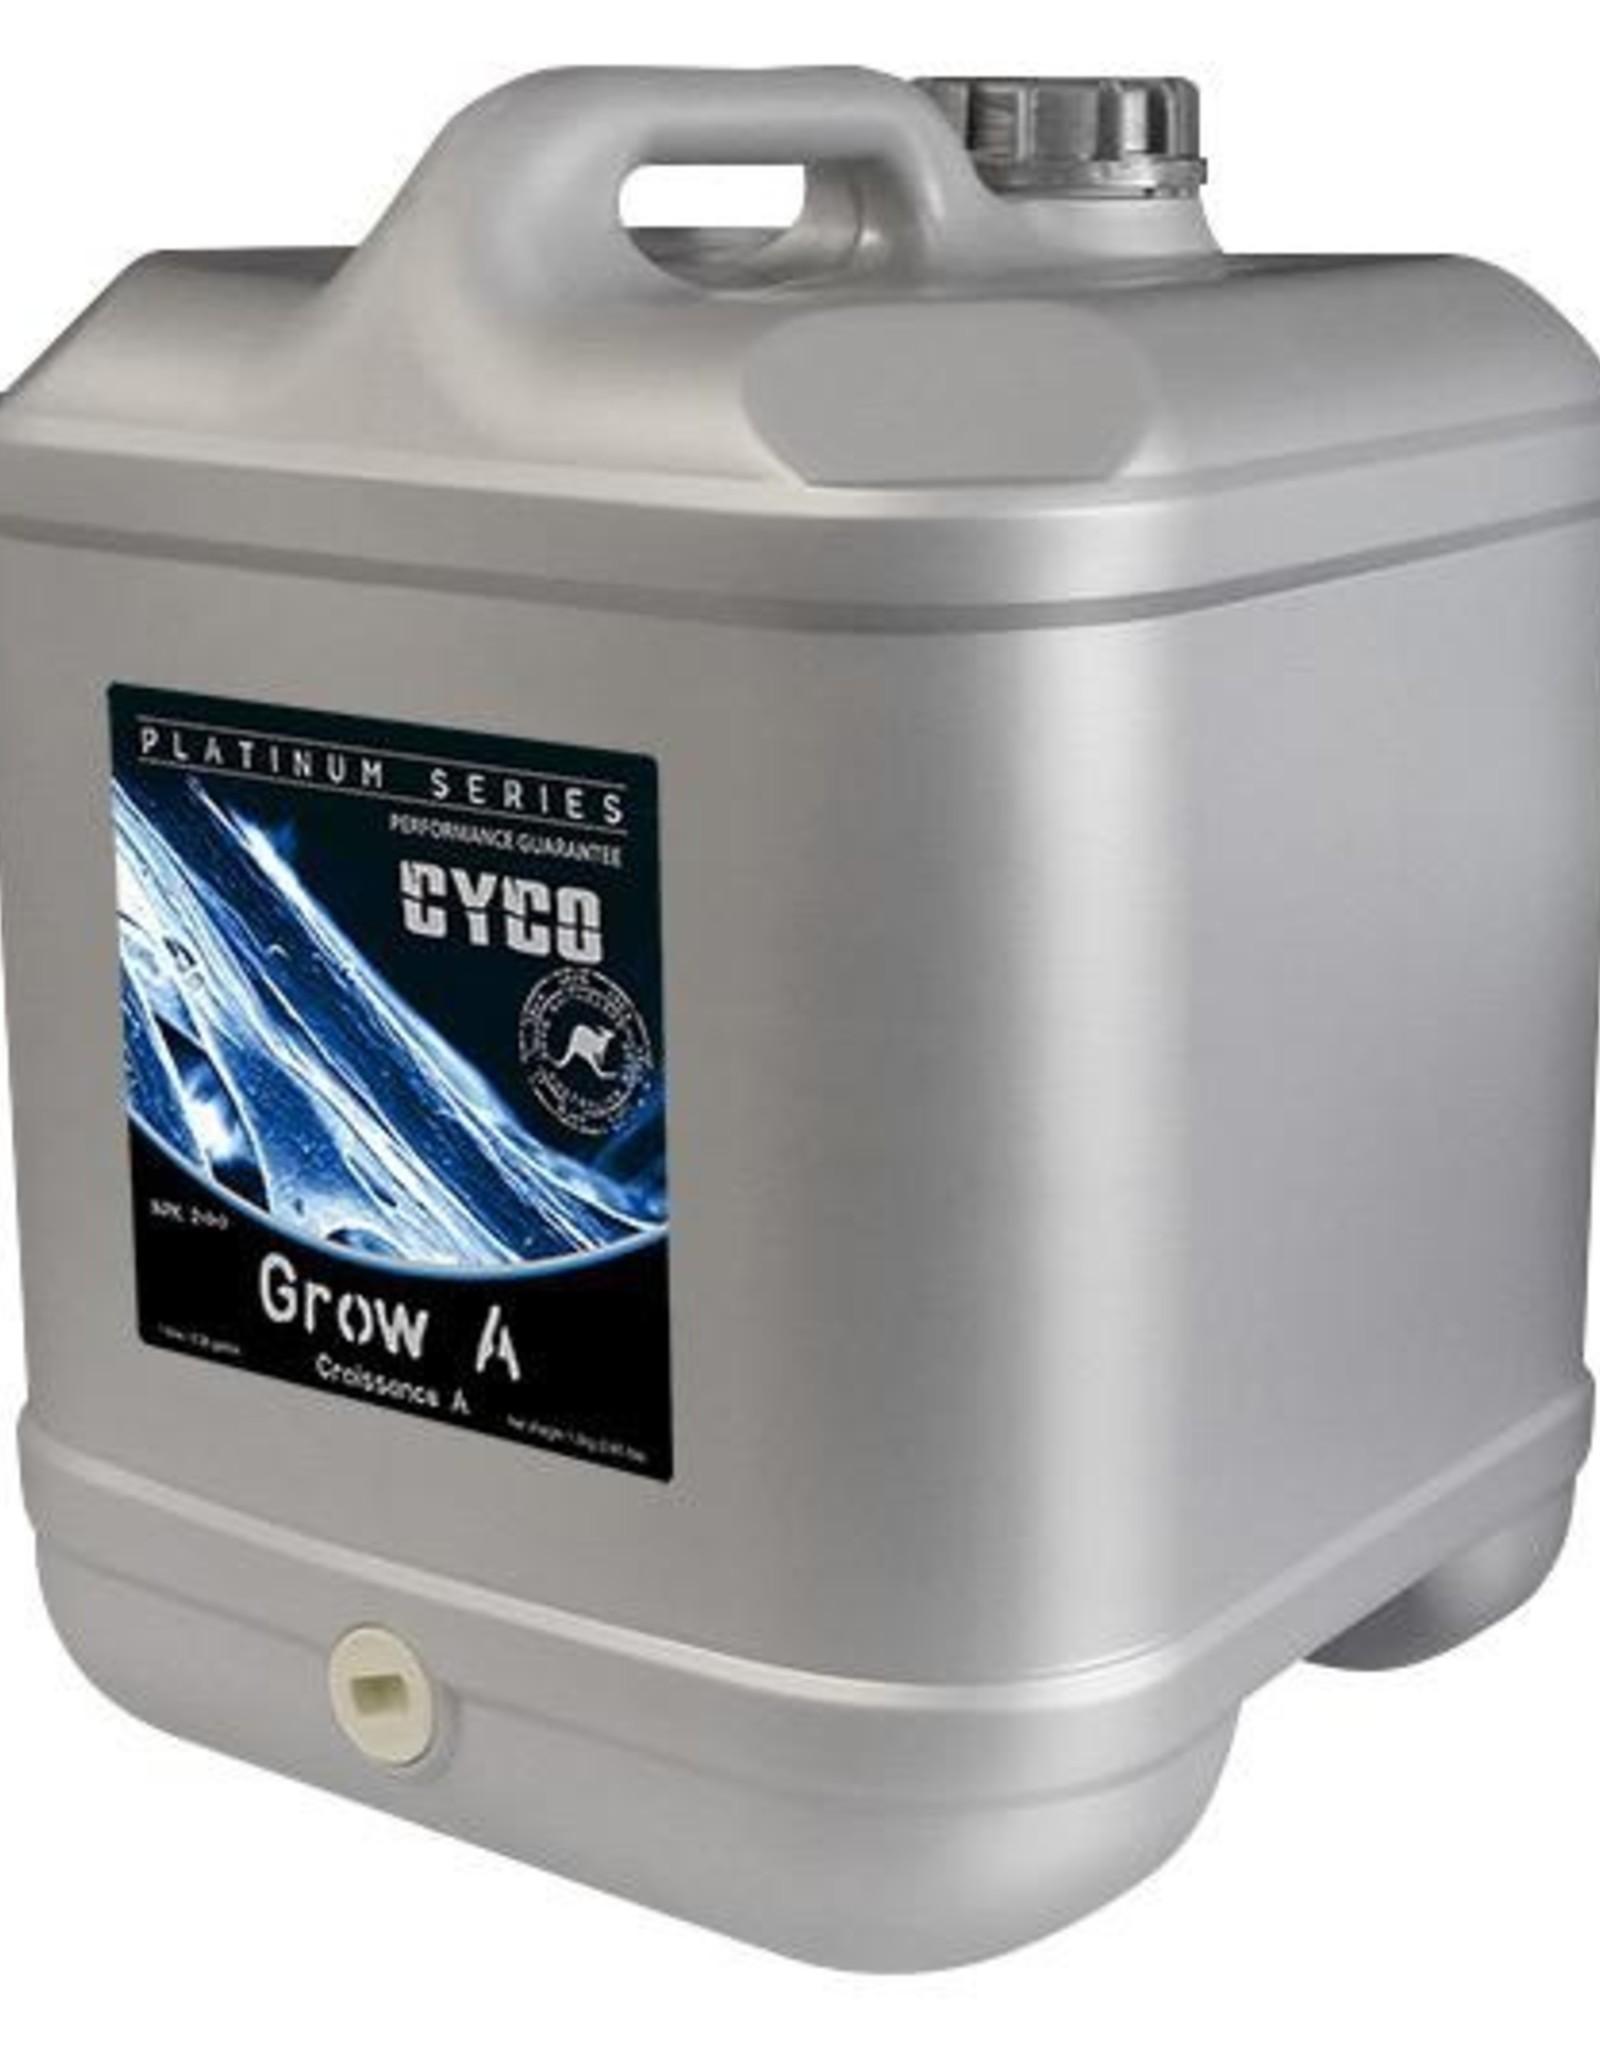 CYCO CYCO Grow A 20 Liter